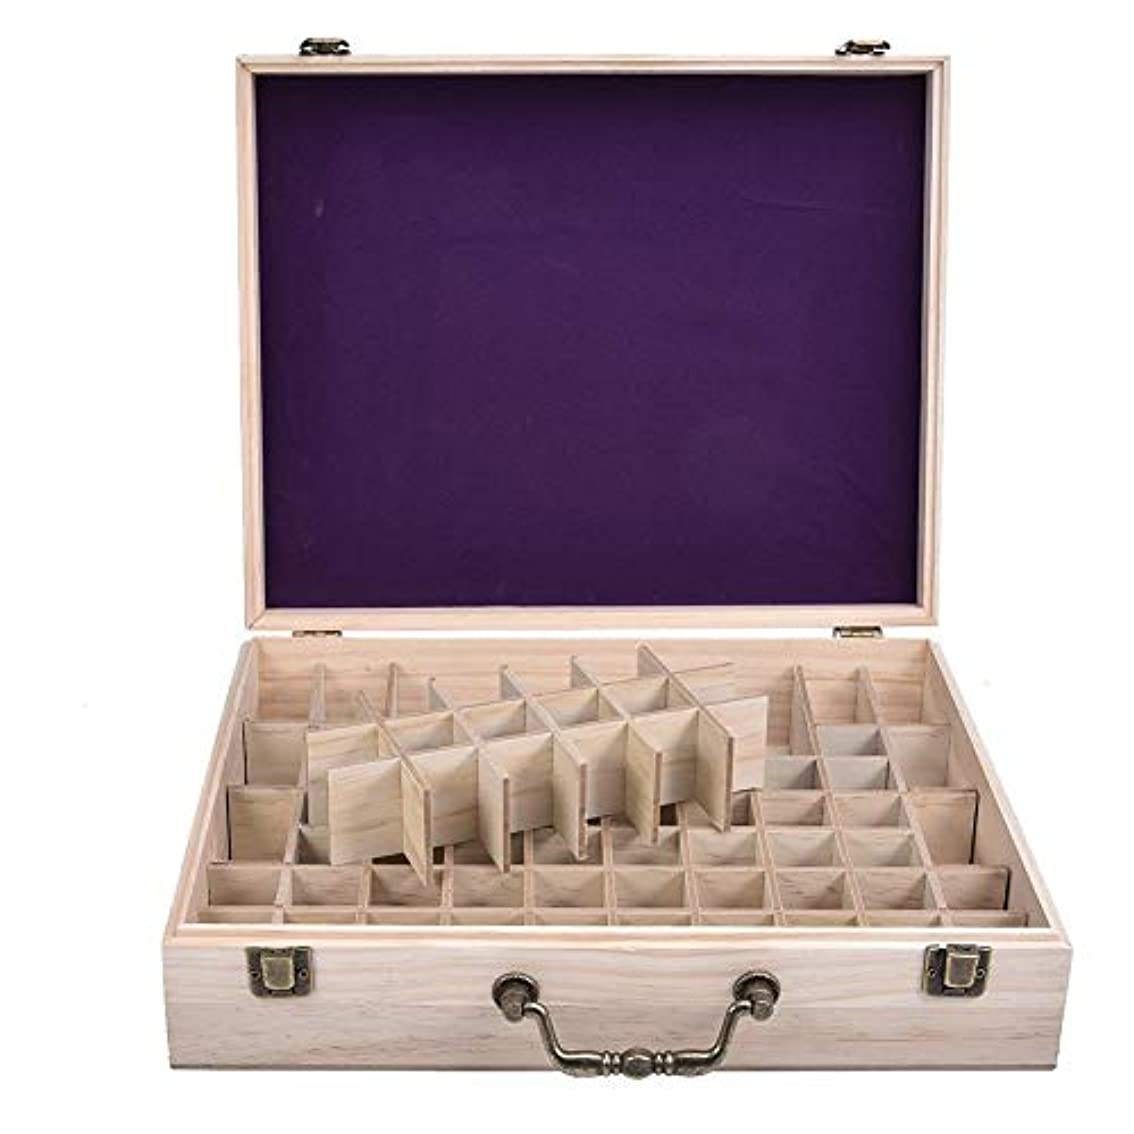 引数クリスチャンセメントエッセンシャルオイル収納ケース 精油収納ボックス 木製 72本収納可能 大容量 取り外し可能なグリッド 5ml?10ml?15ml?115mlの精油ボルトに対応 junexi